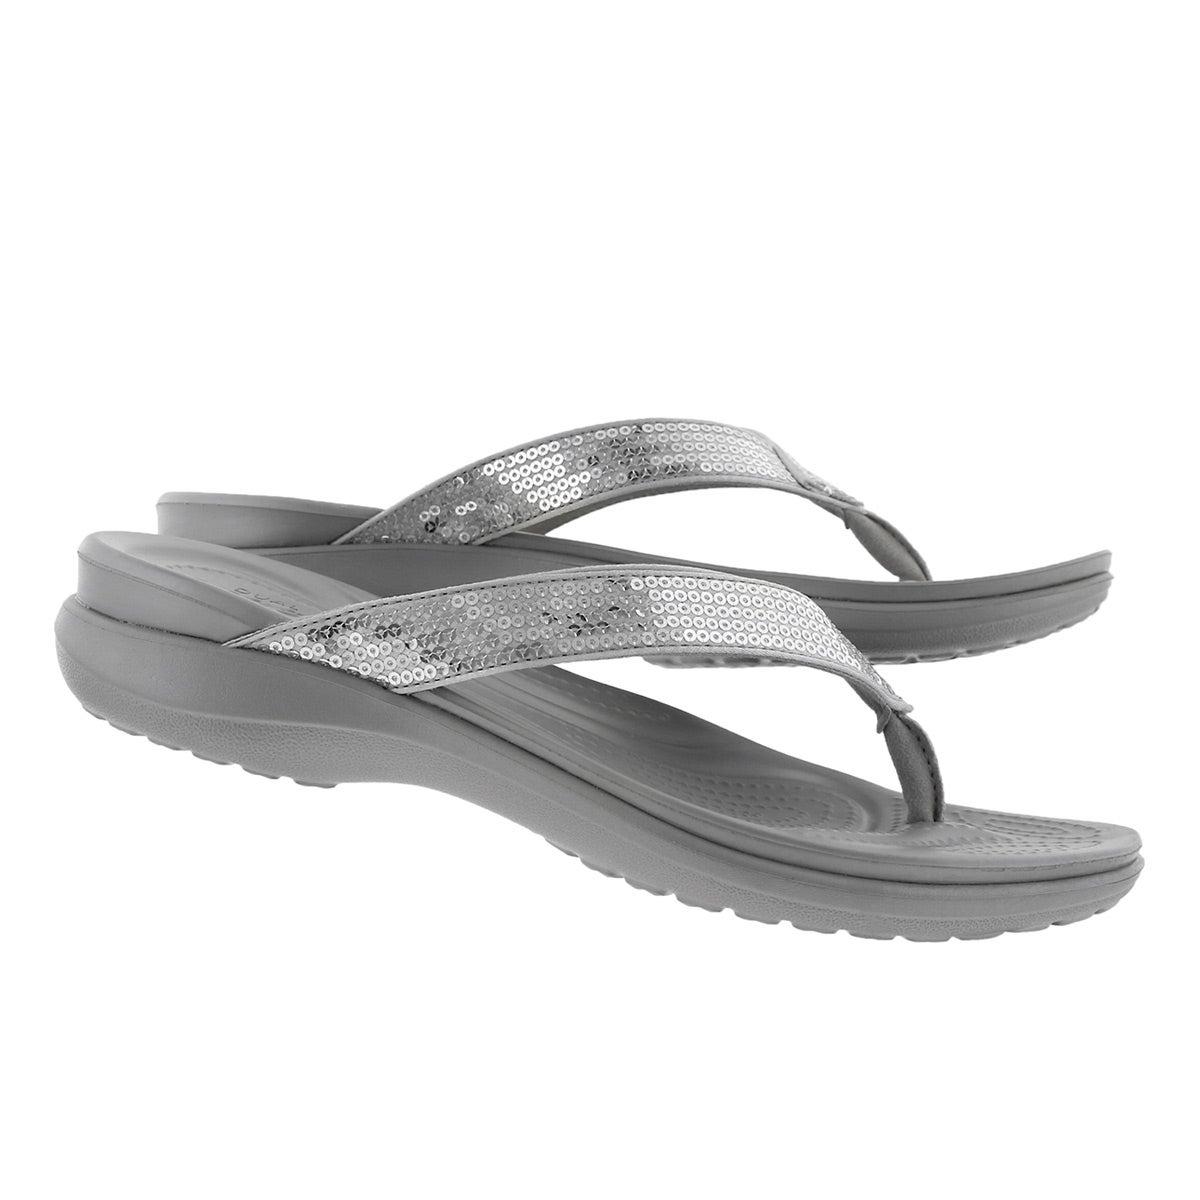 Lds Capri V Sequin silver thong sandal